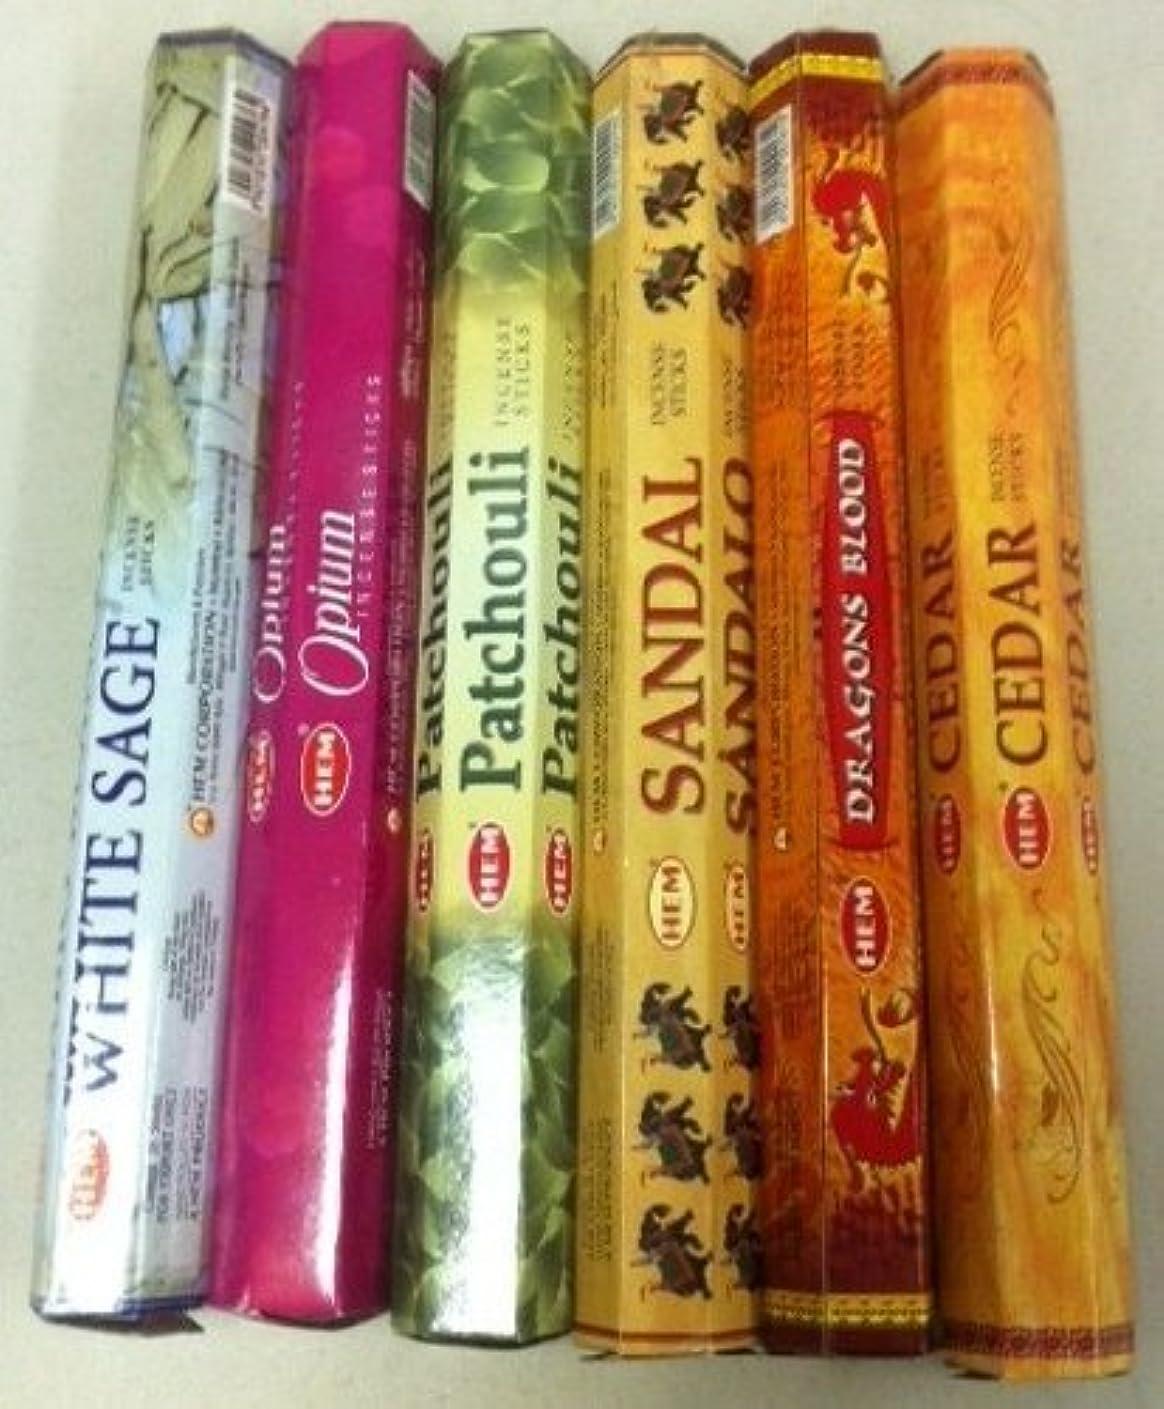 スピーチインタラクション科学Hemお香Best Sellers 6ボックスX 20グラム、合計120 gm